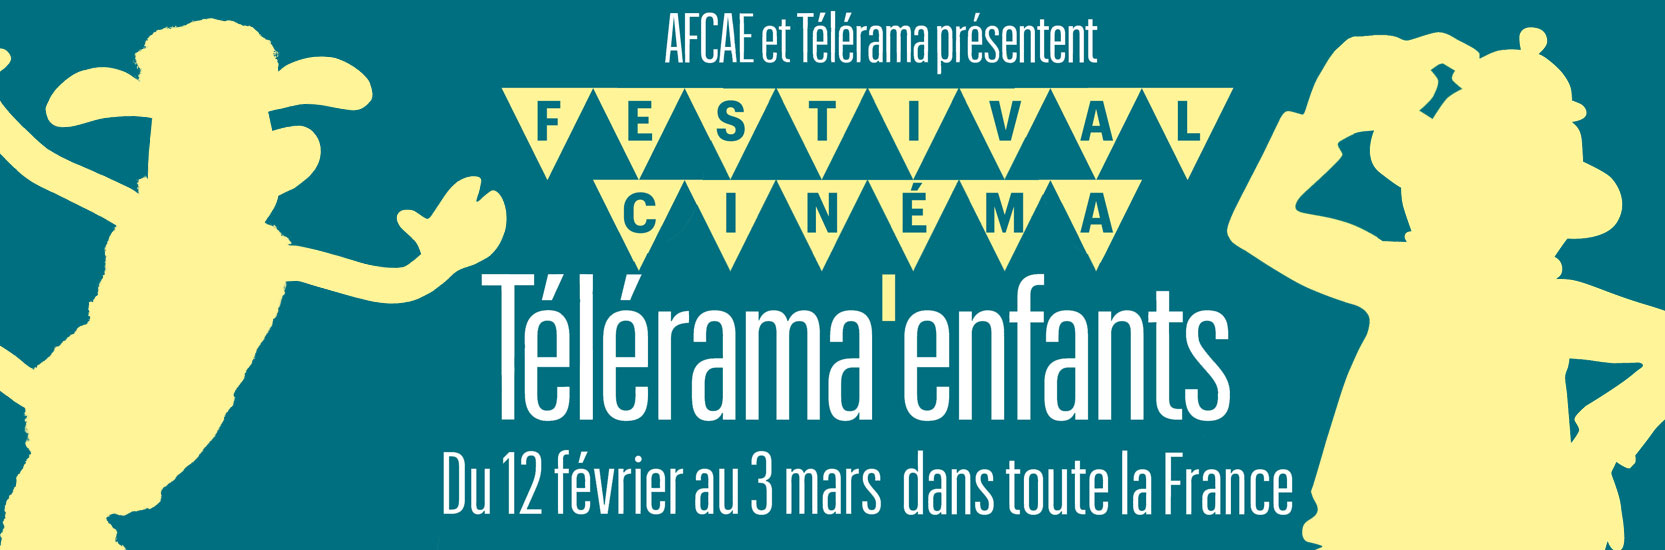 Festival Cinéma Télérama Enfants 2020 : demandez le programme !